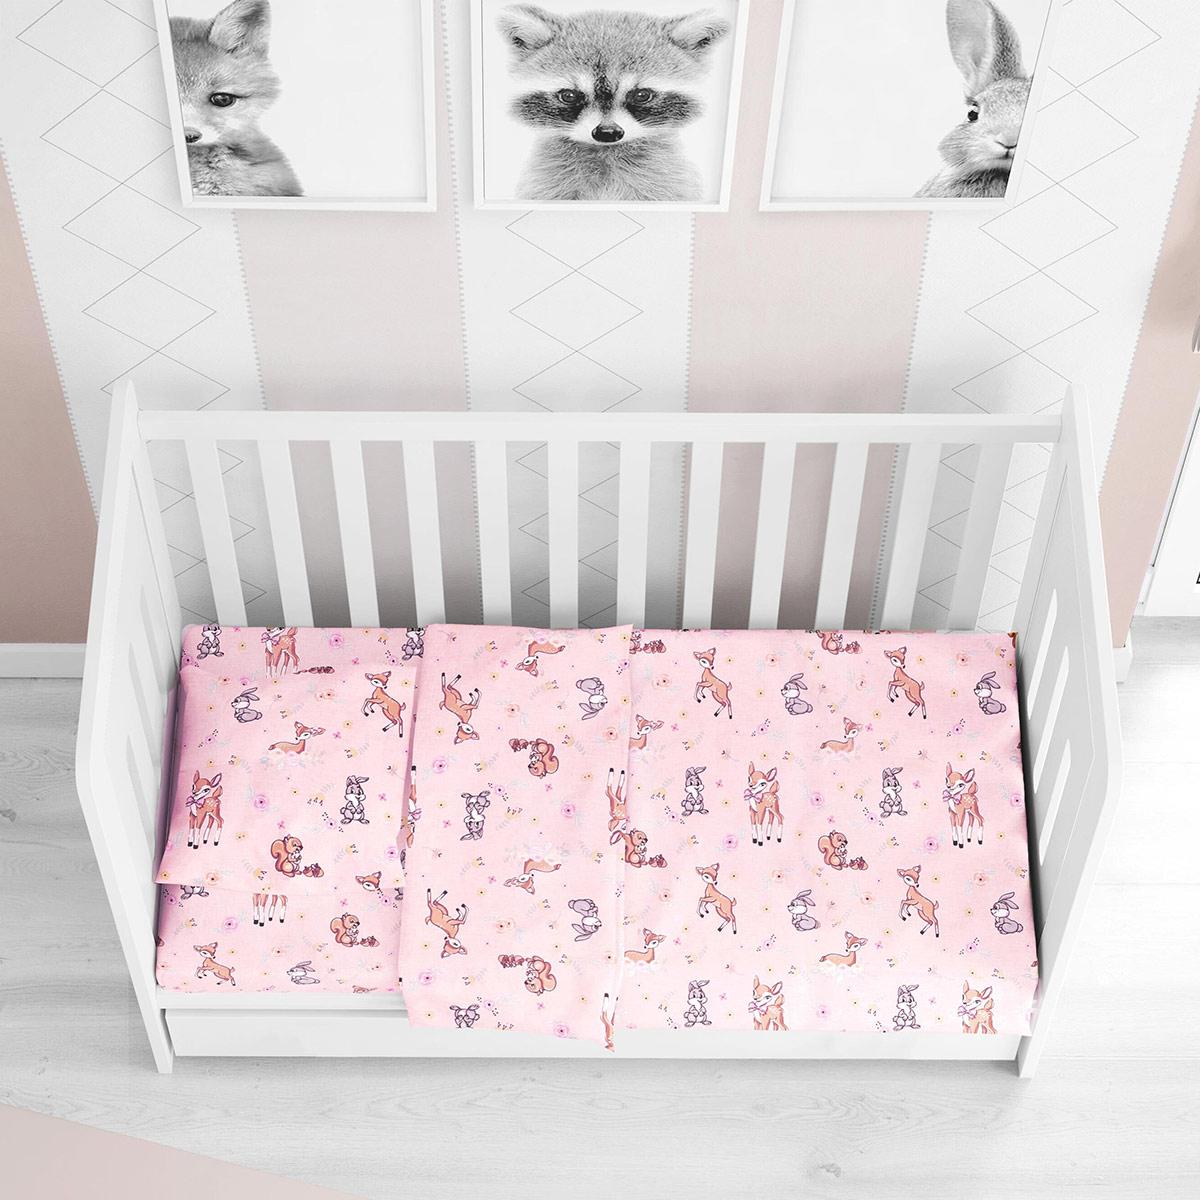 Παπλωματοθήκη Κούνιας Dimcol Ελαφάκι 117 Pink